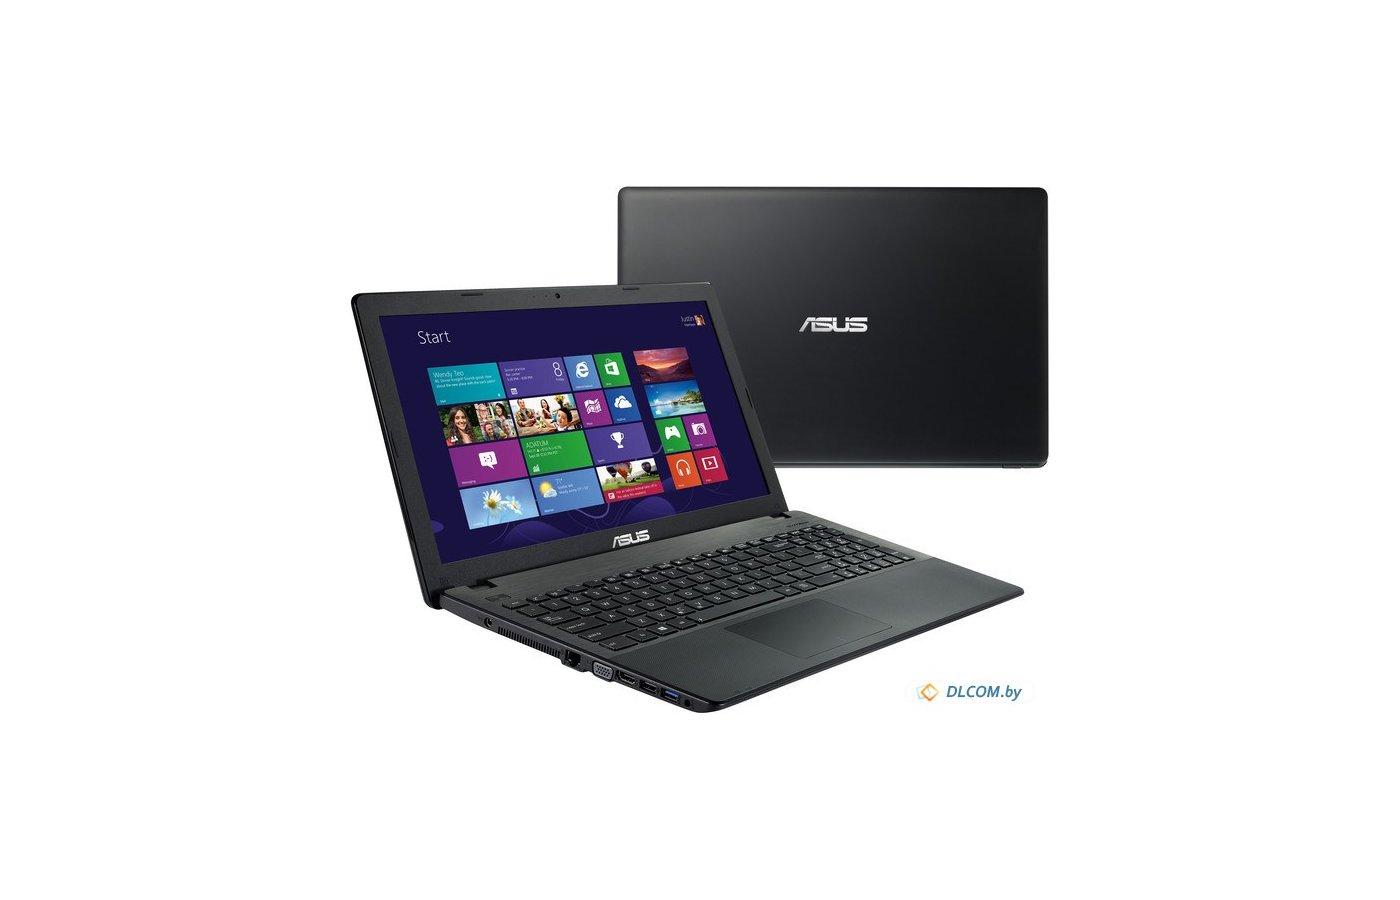 Ноутбук ASUS X551MA-SX056D /90NB0481-M00960/